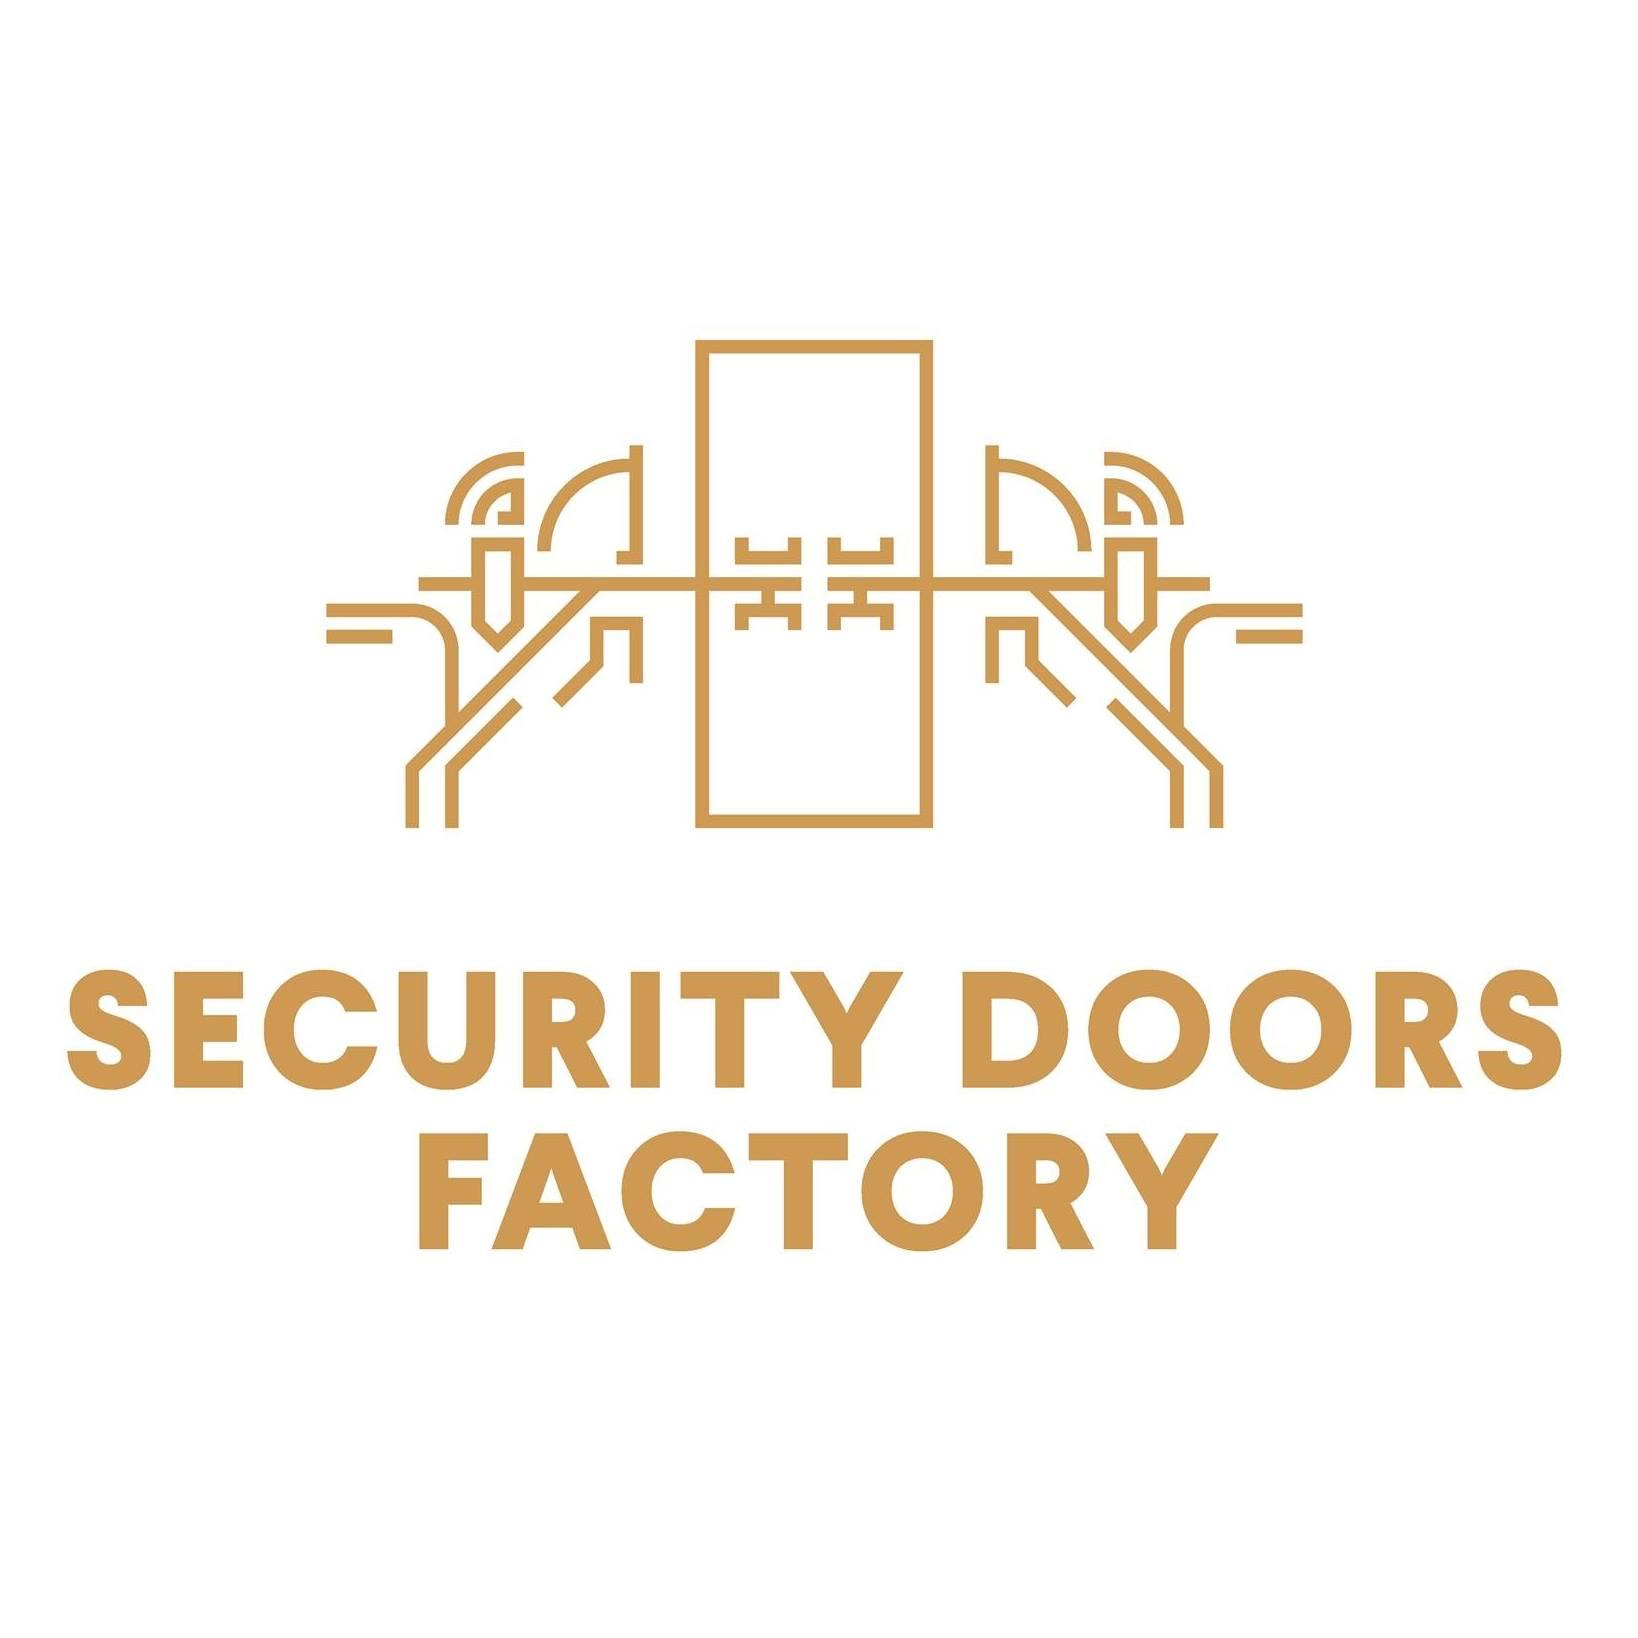 Security Doors Factory